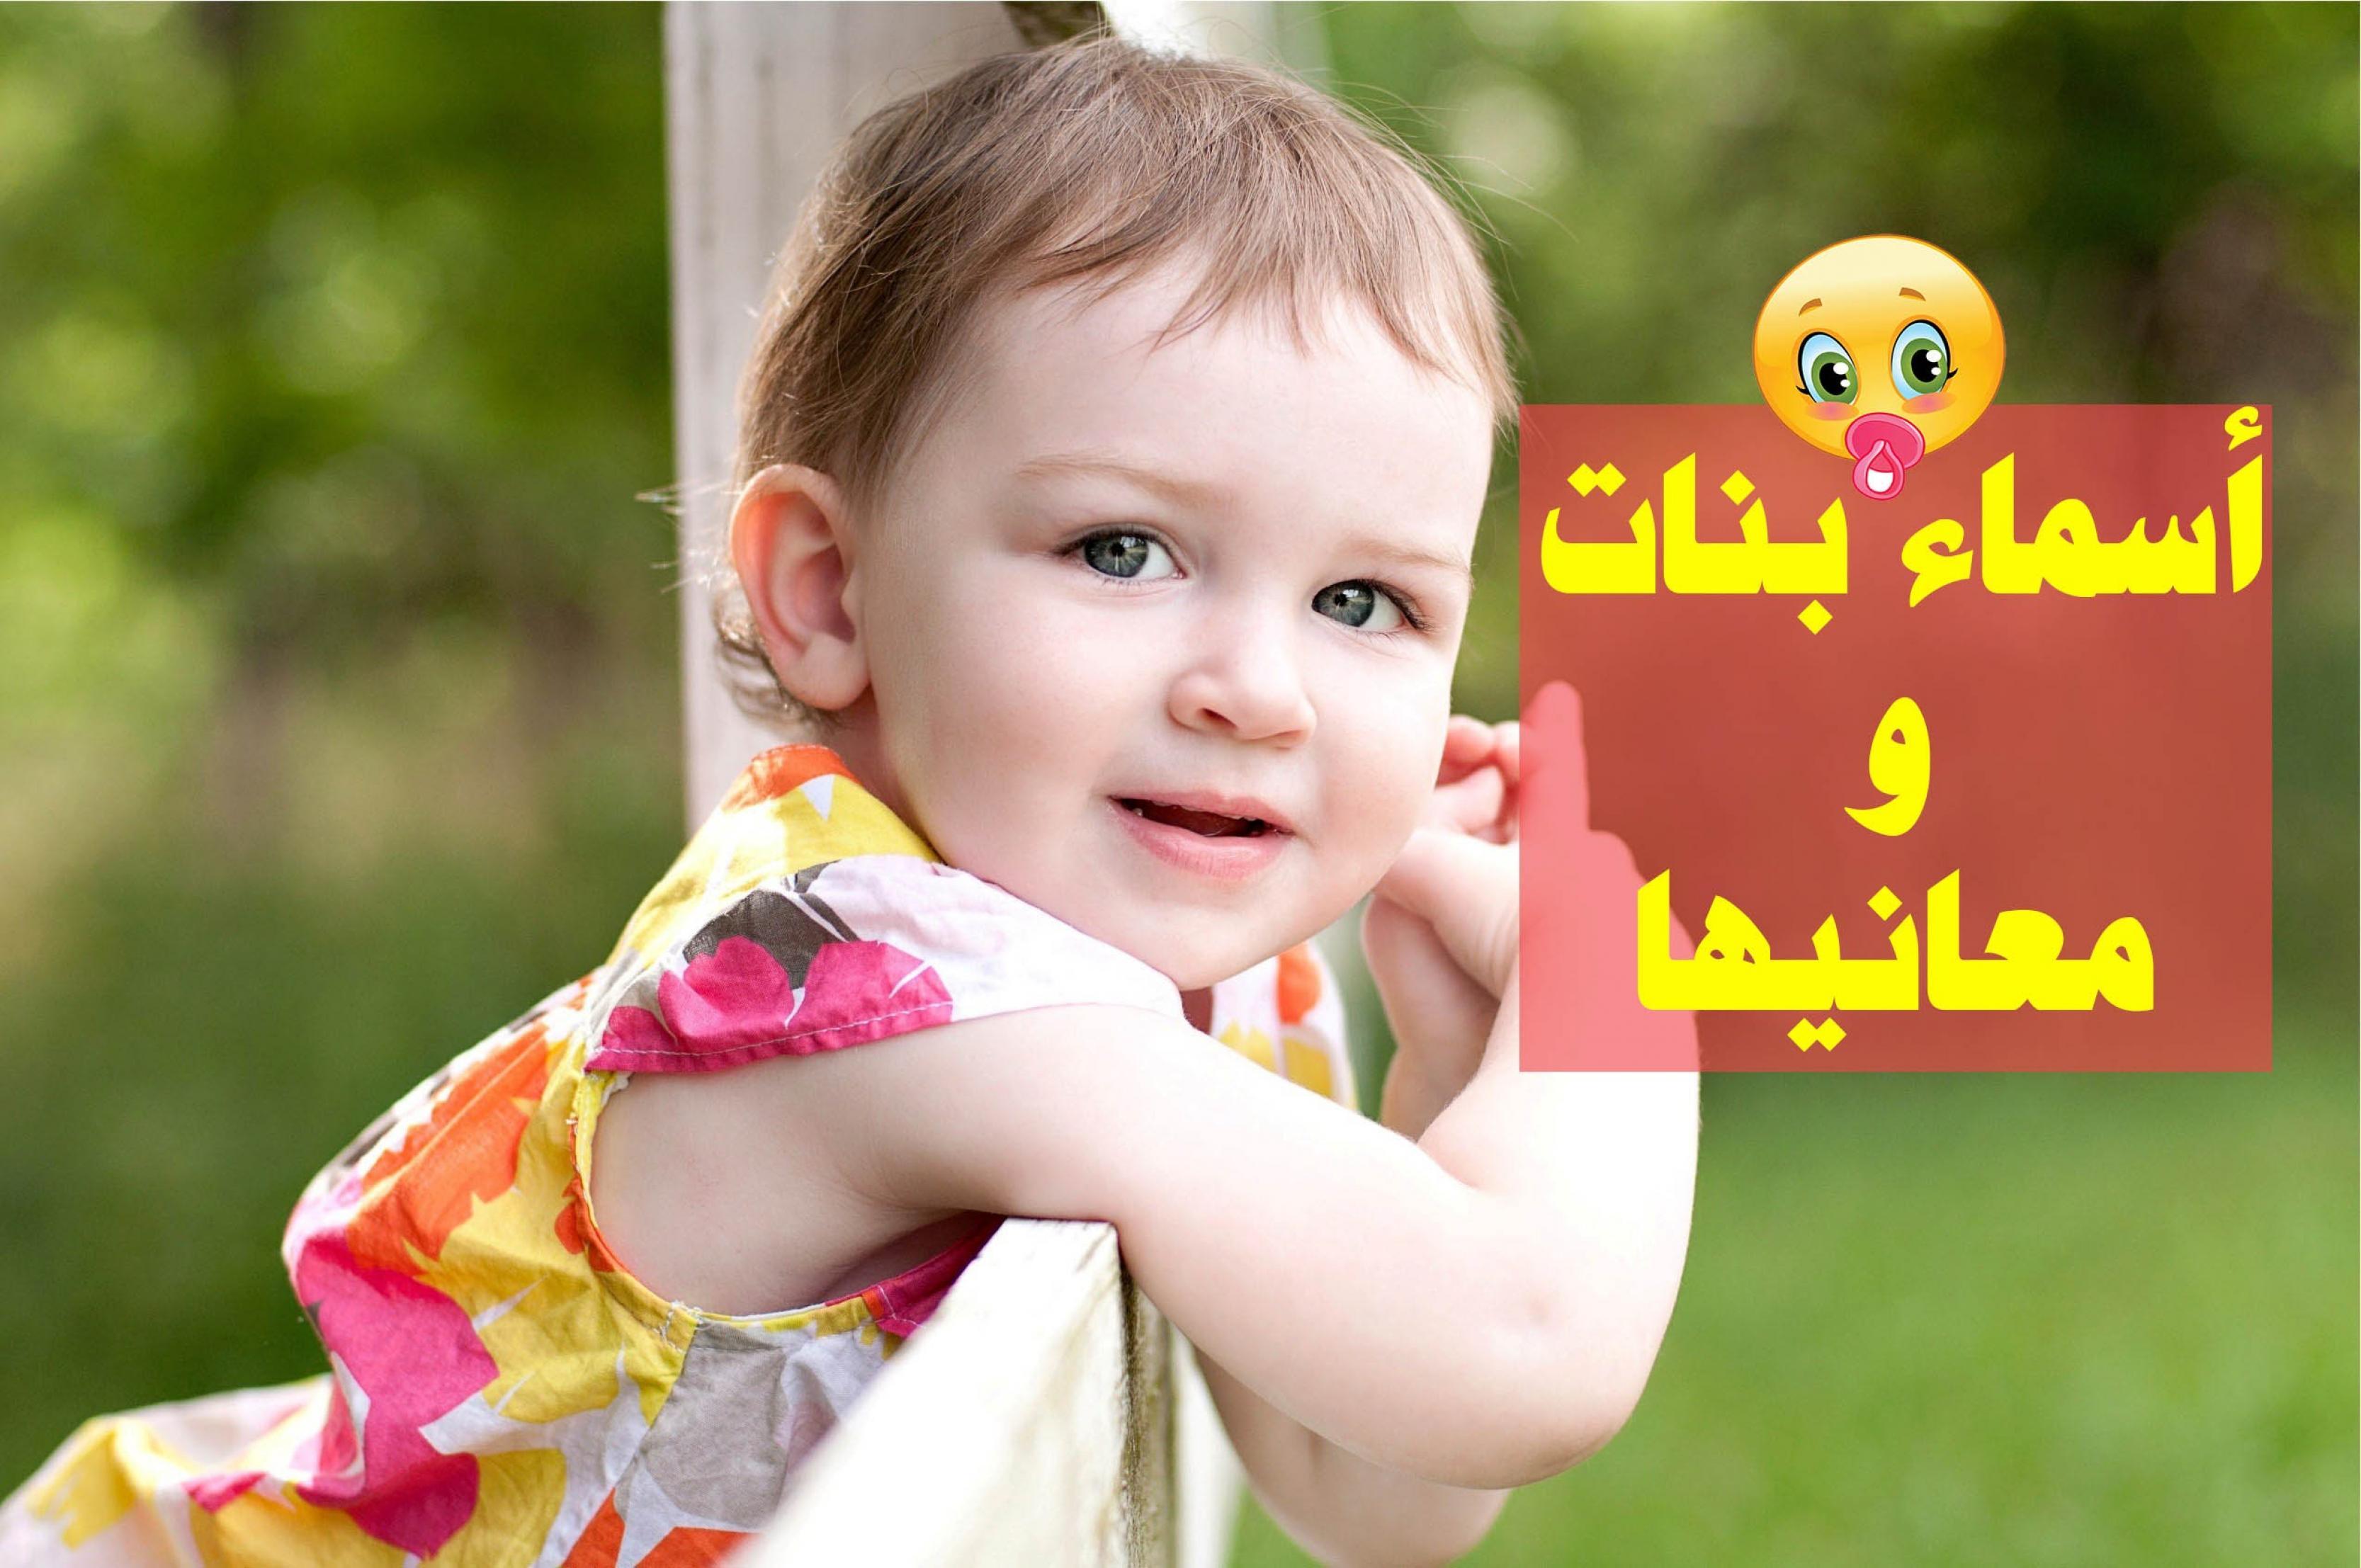 صورة اجمل اسماء البنات الاسلاميه